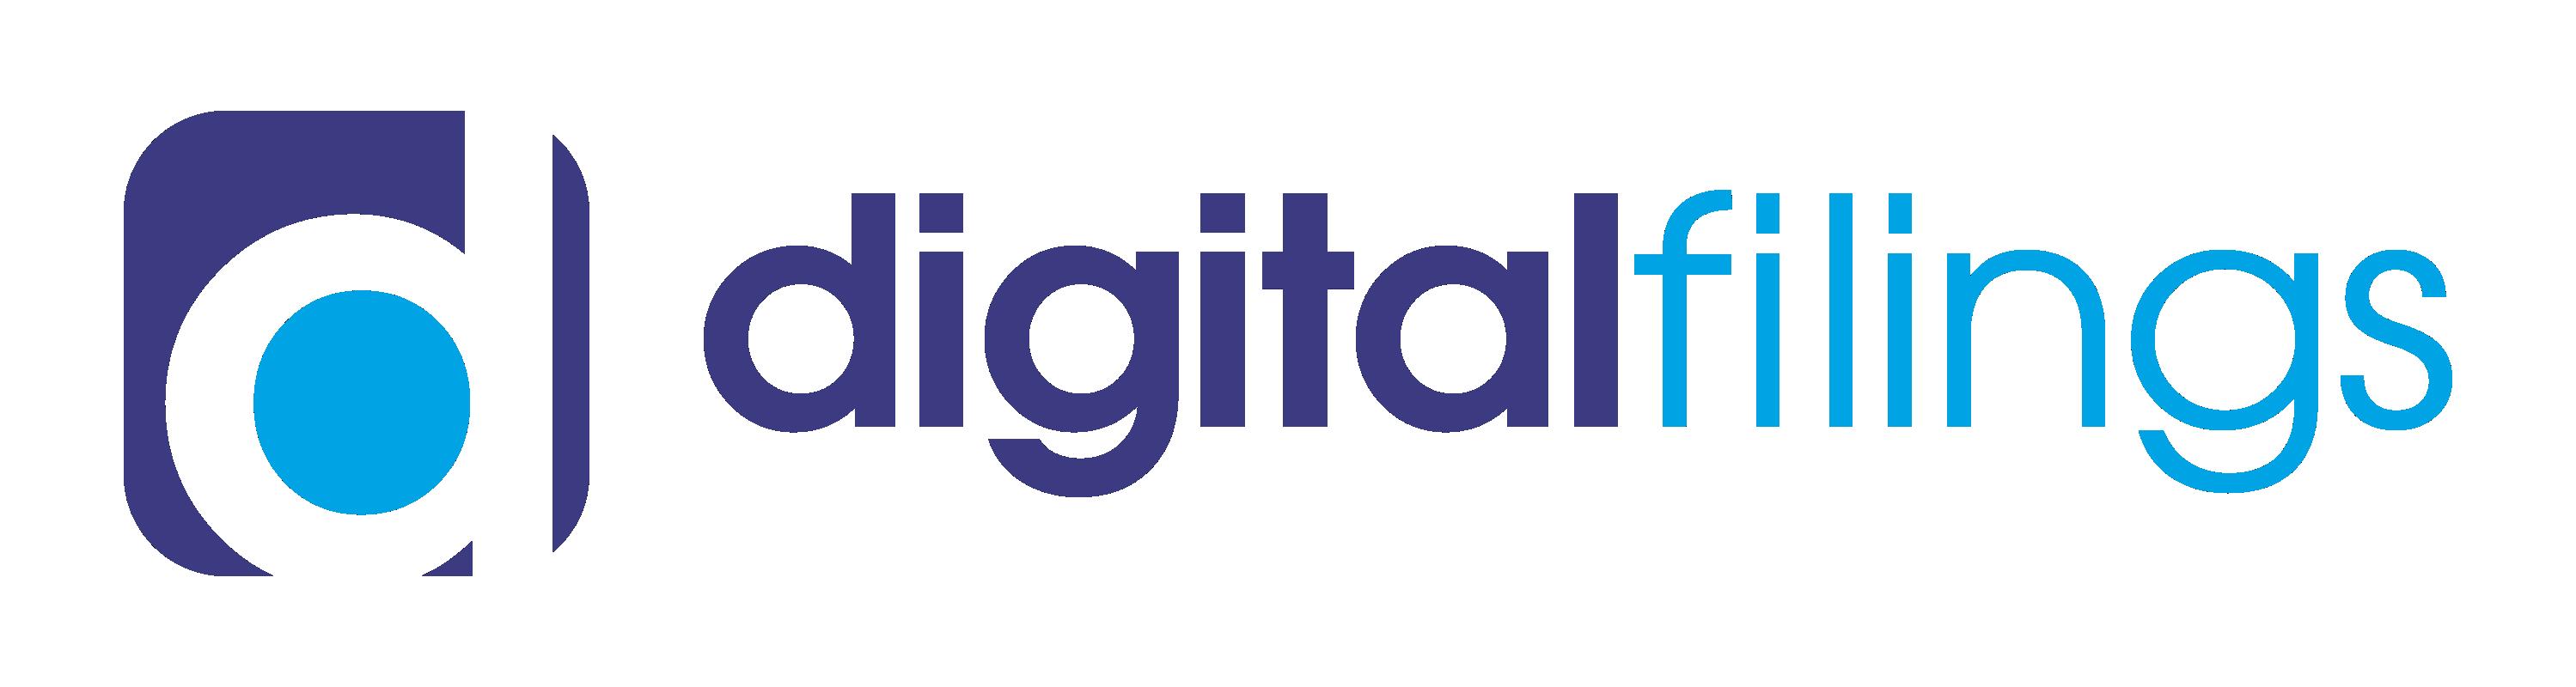 Digital Filings